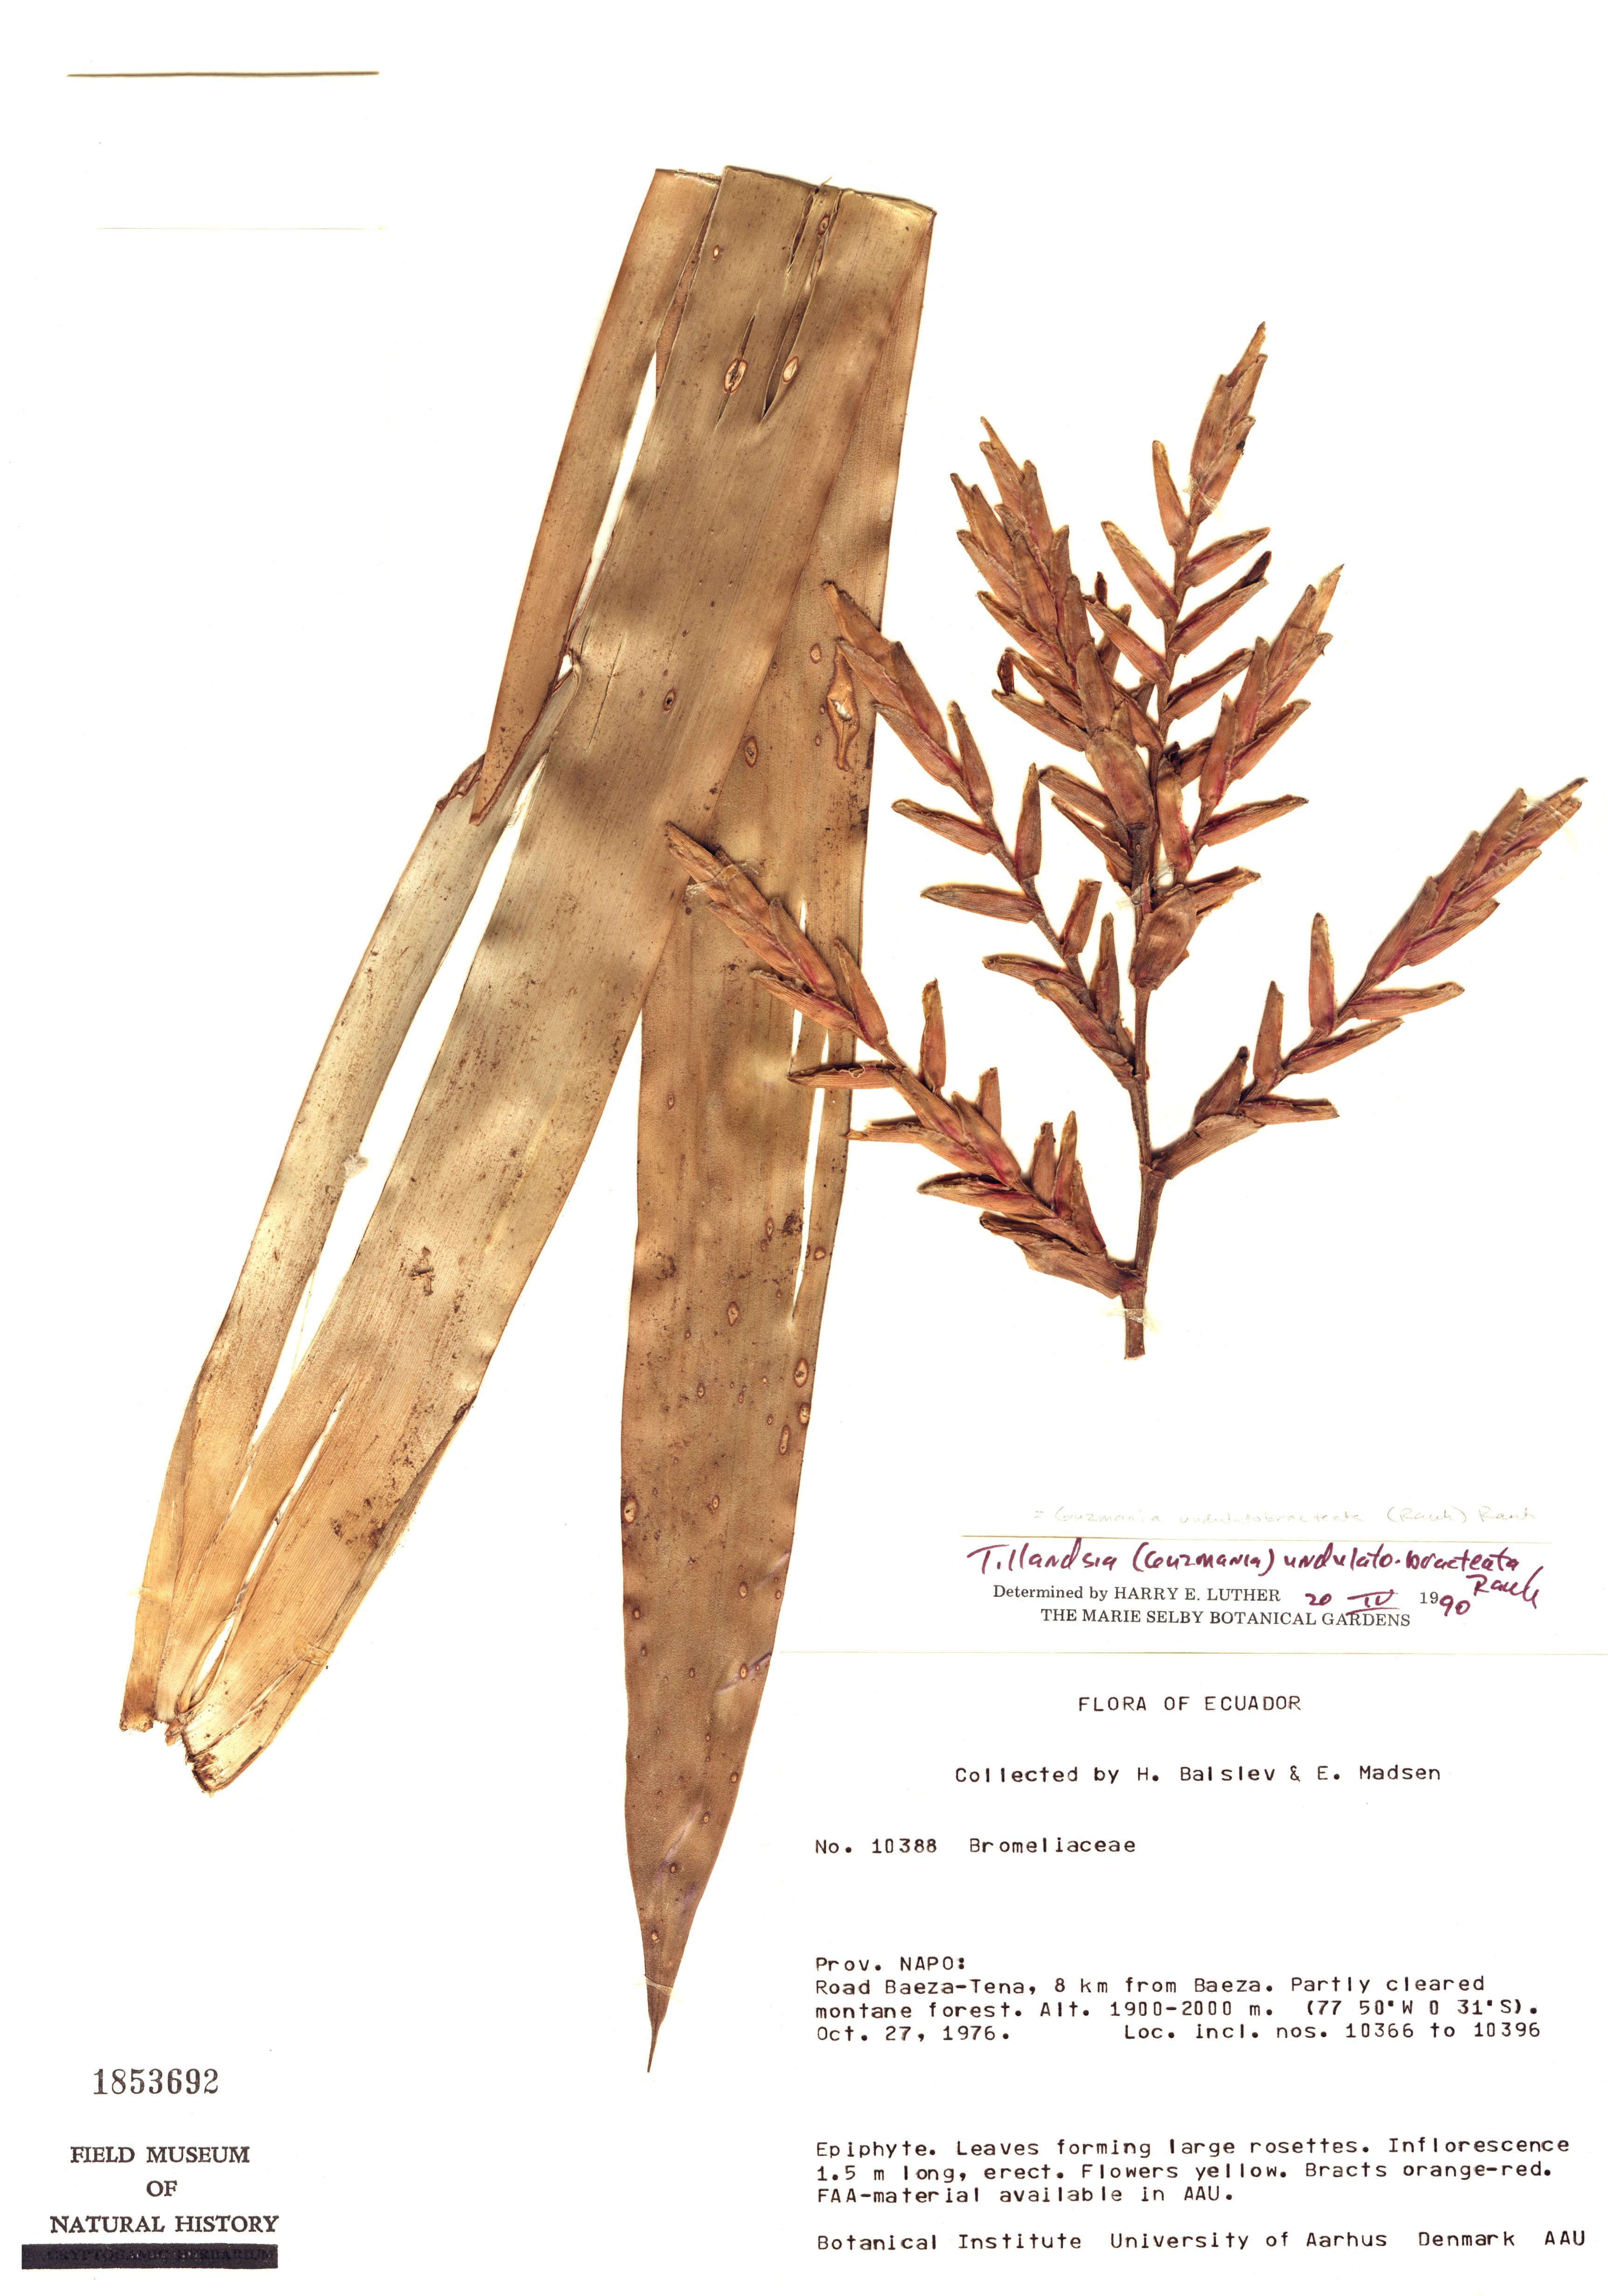 Specimen: Guzmania undulatobracteata